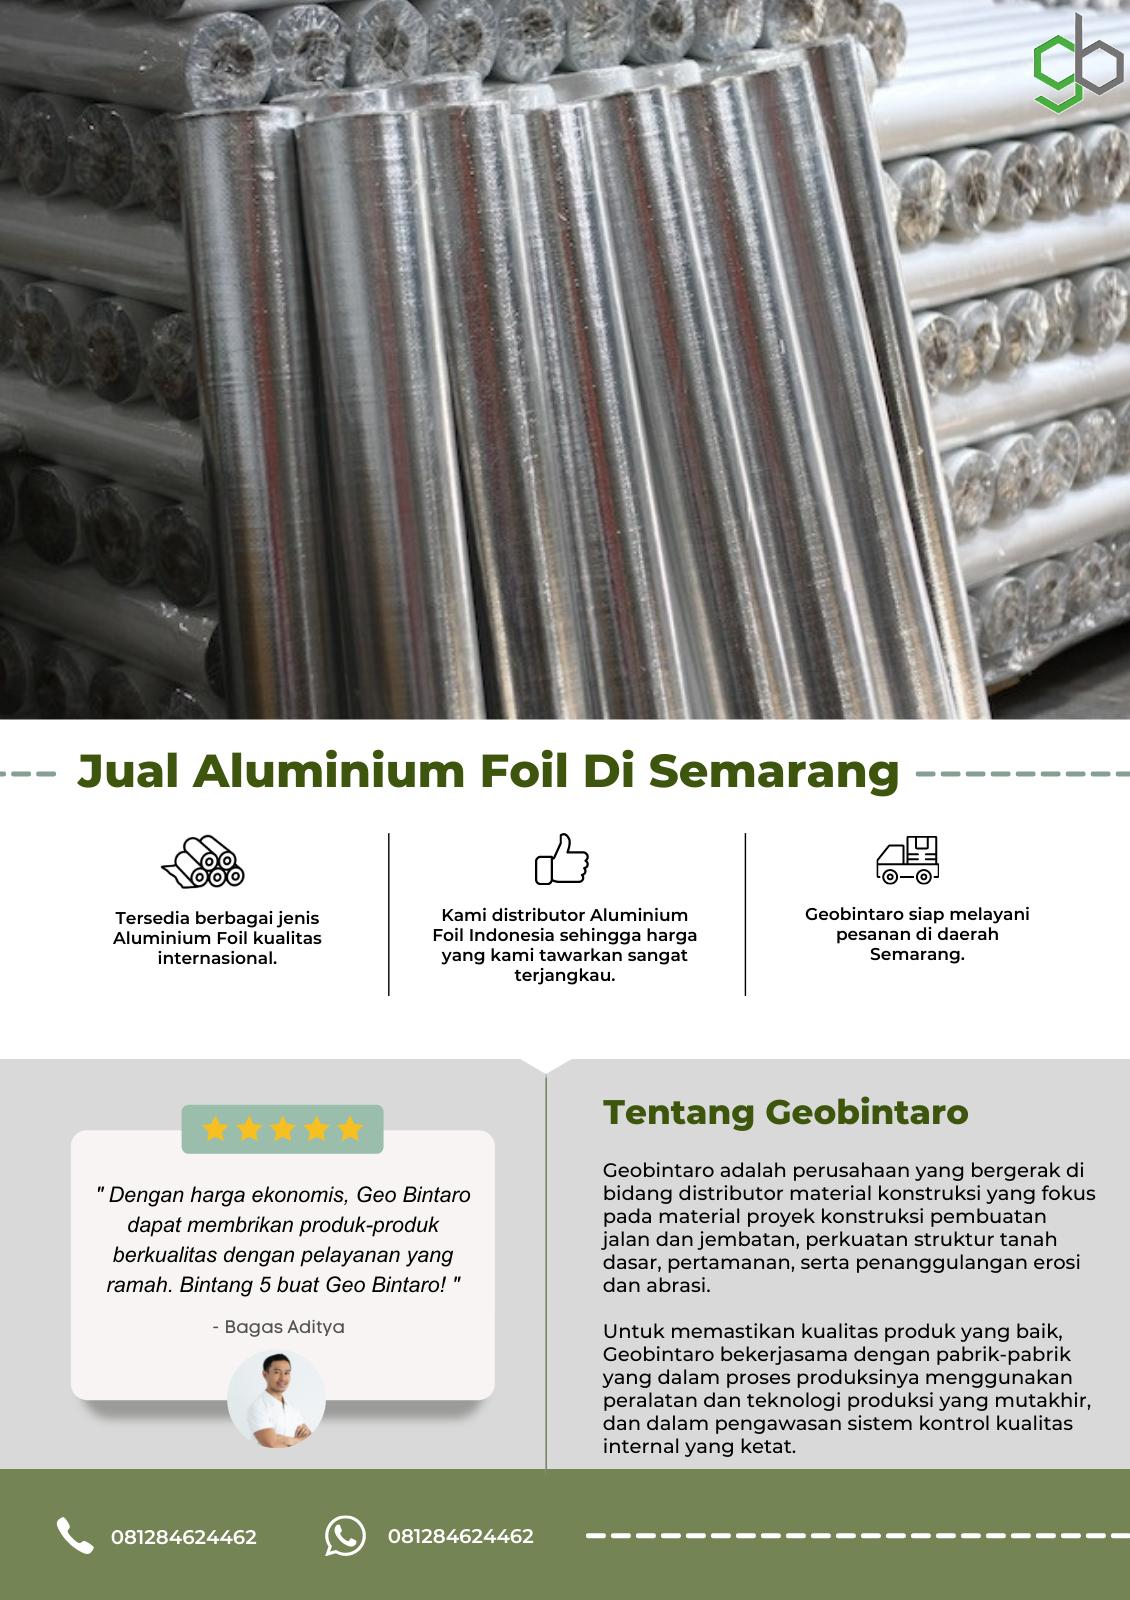 Jual Aluminium Foil Di Semarang